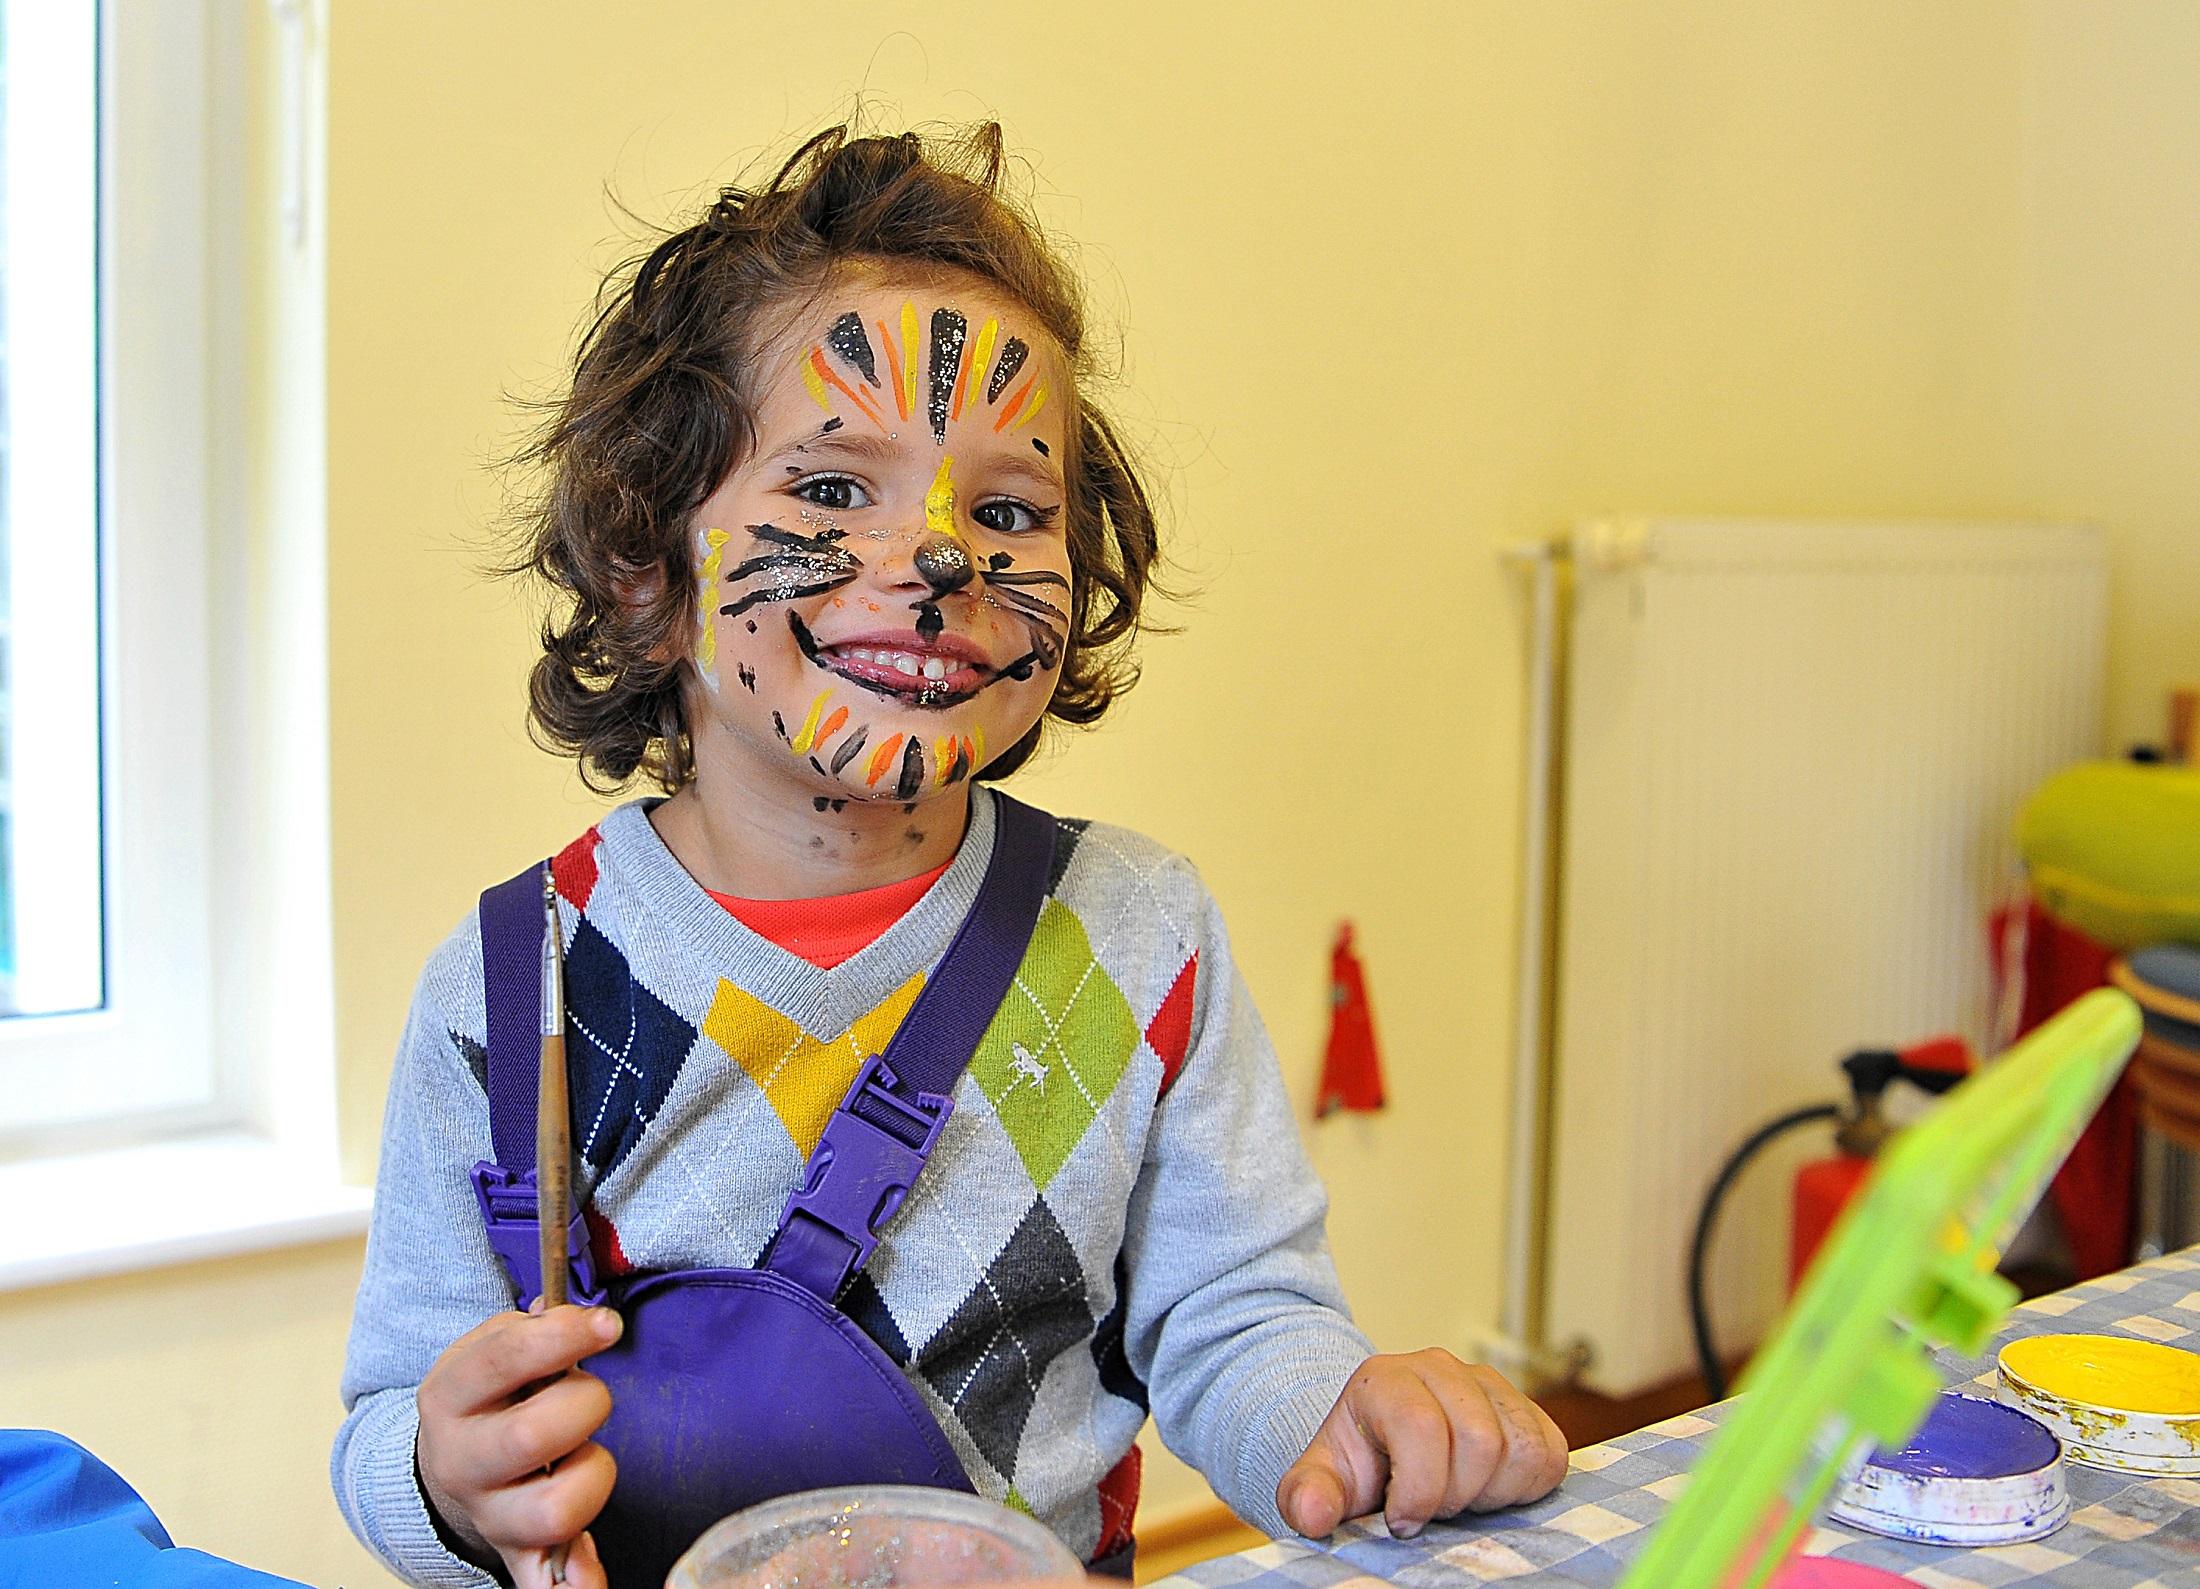 Kinderschminken: Bei den altoba-Festen kommen auch die Kleinen voll auf ihre Kosten